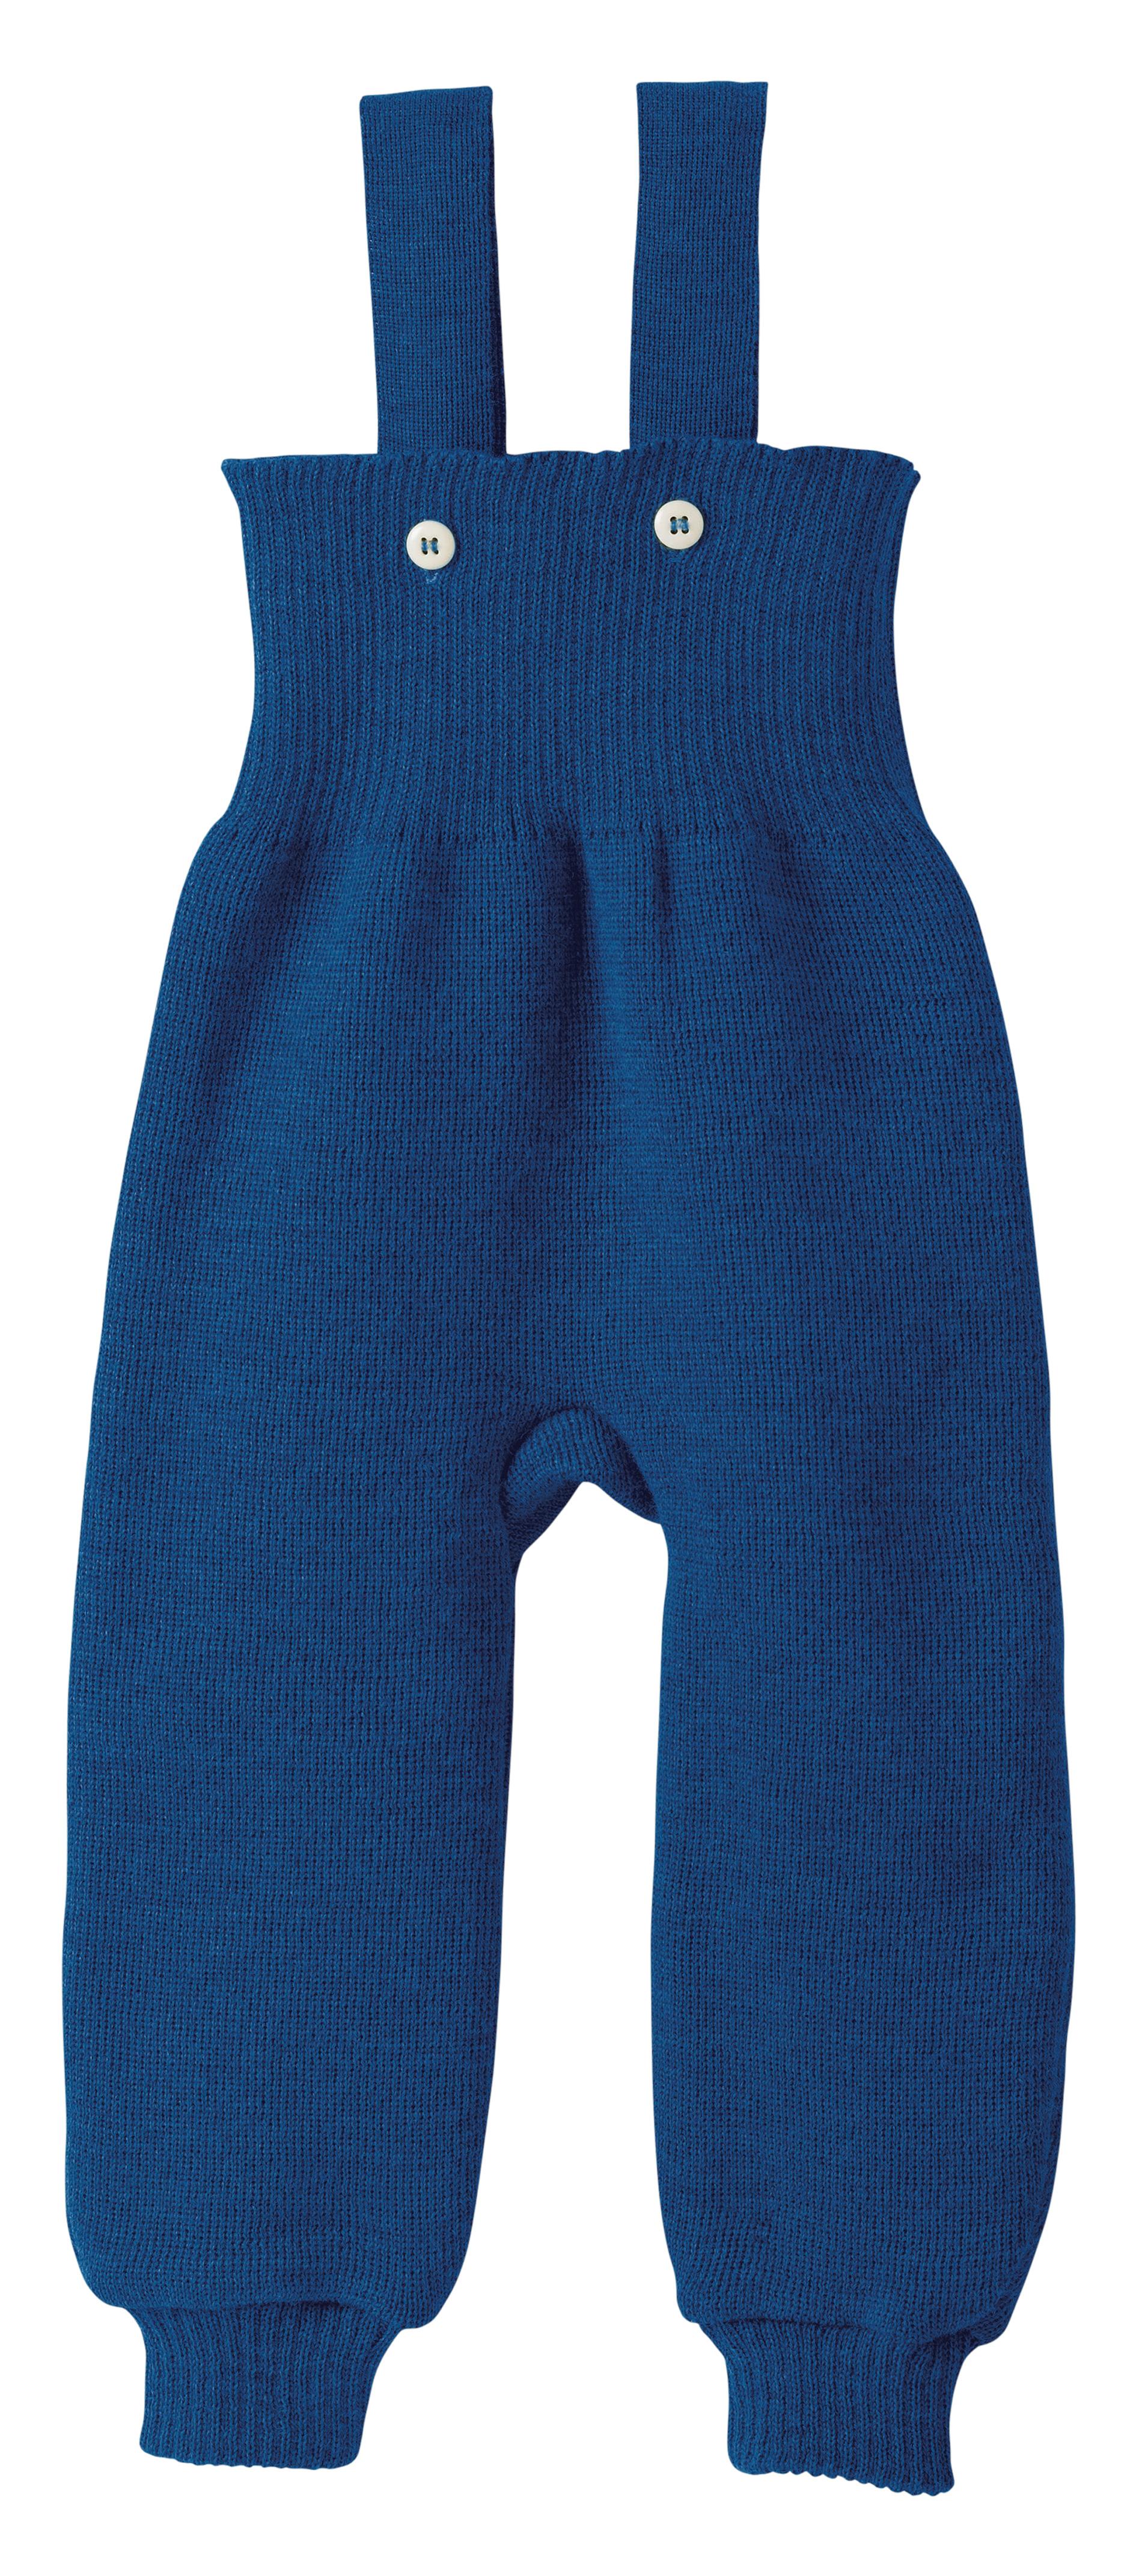 En préparation Disana 21 - Salopette bébé - 100% pure laine mérinos tricotée